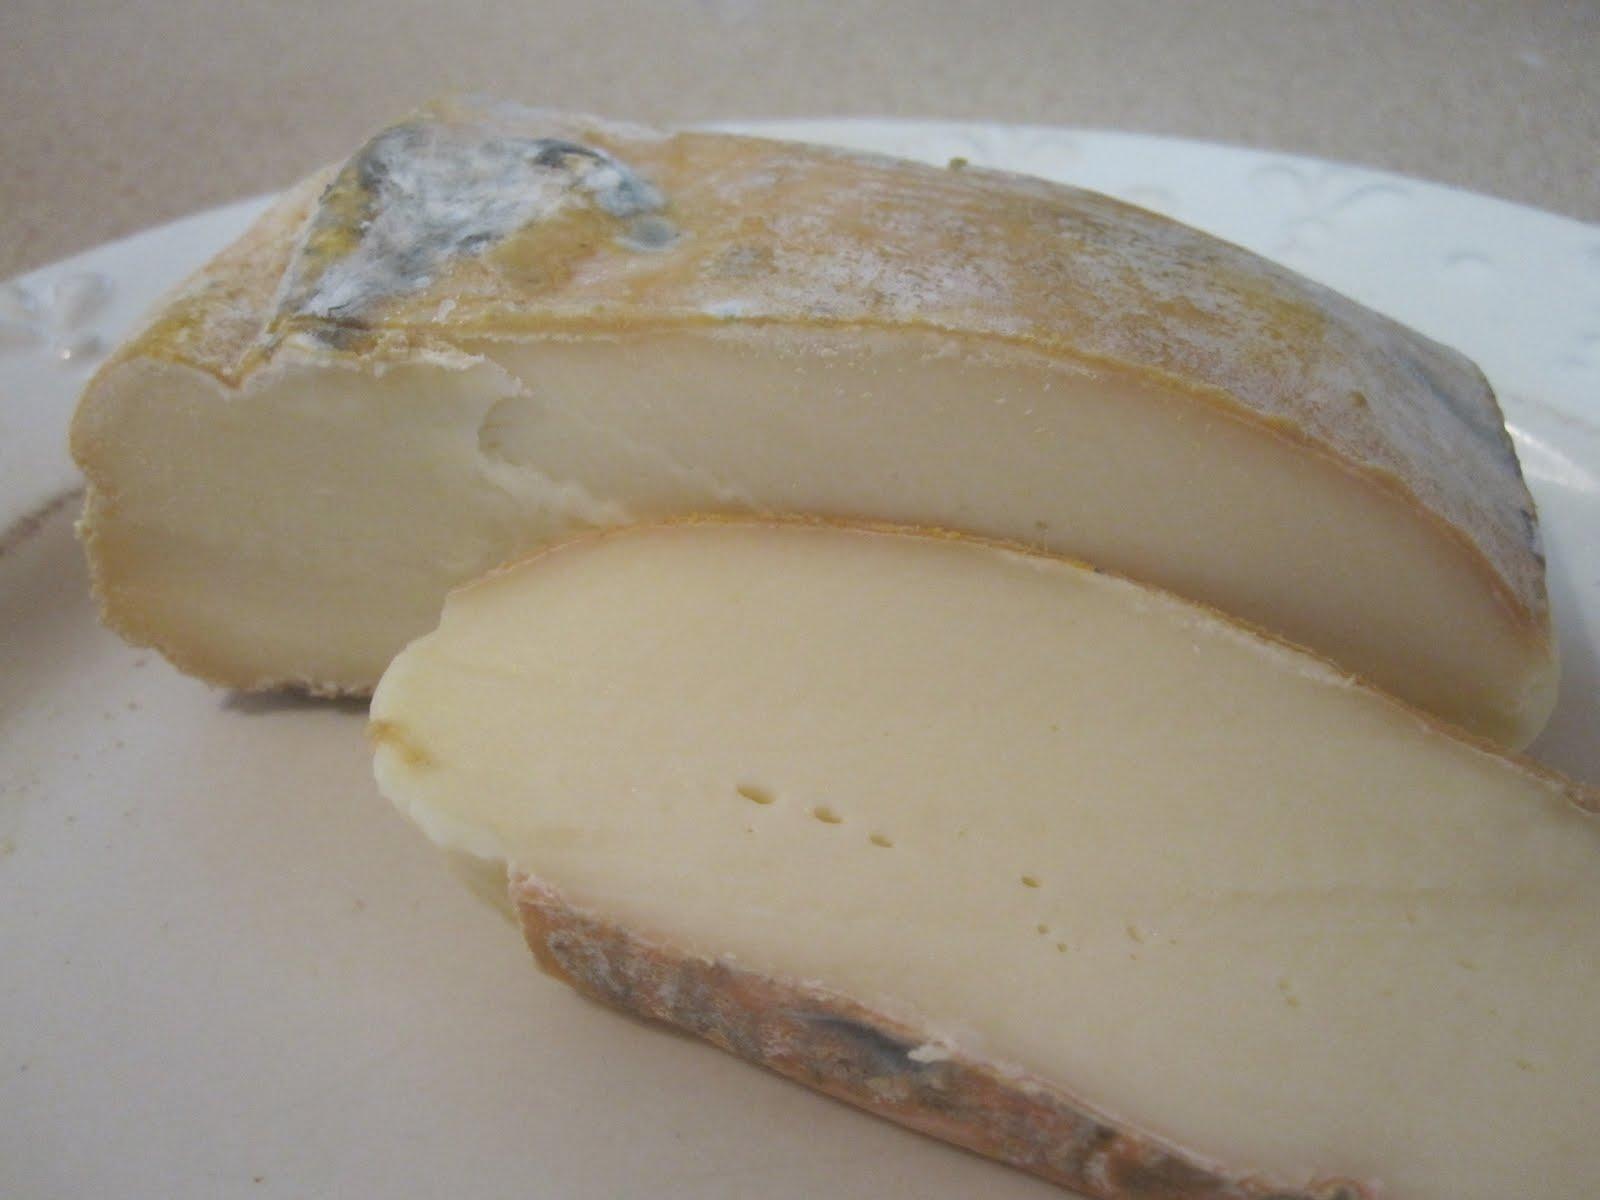 Peynirin Küflenmesi Nasıl Önlenir